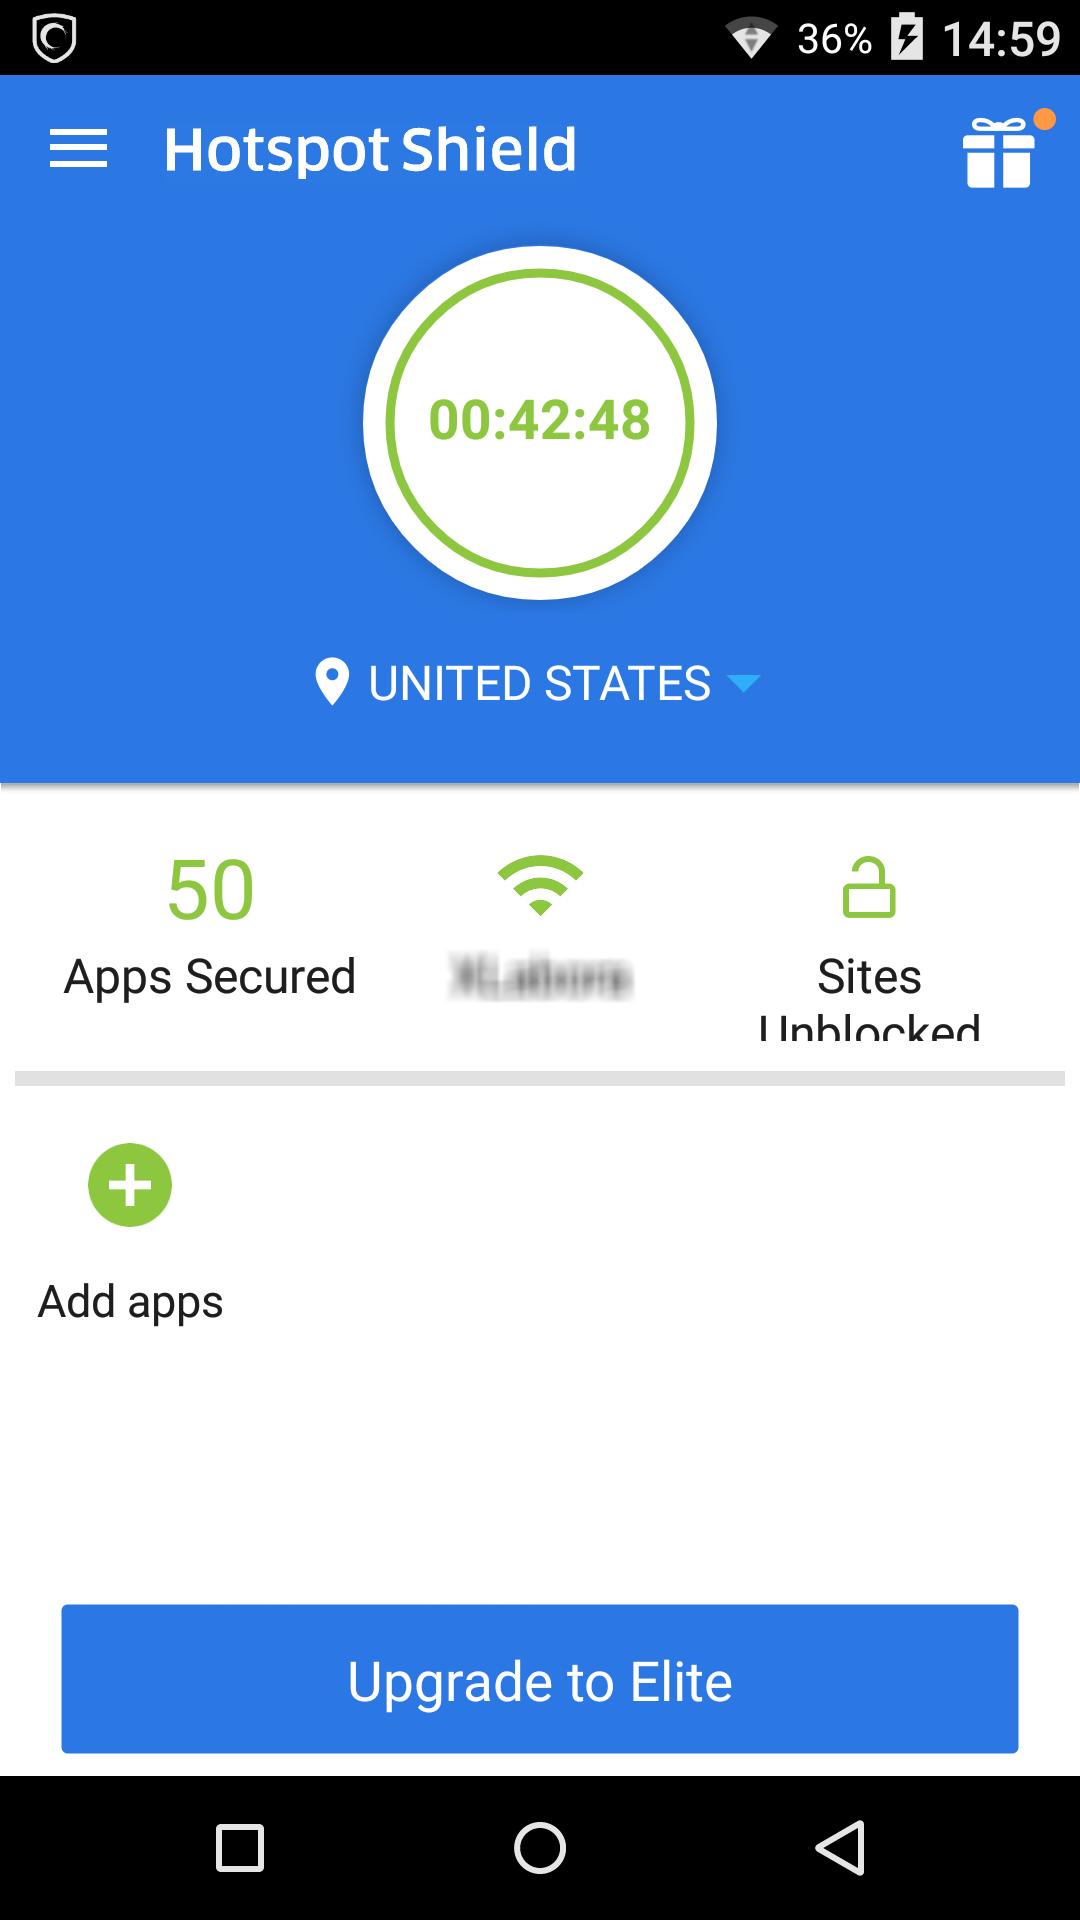 hotspot shield android